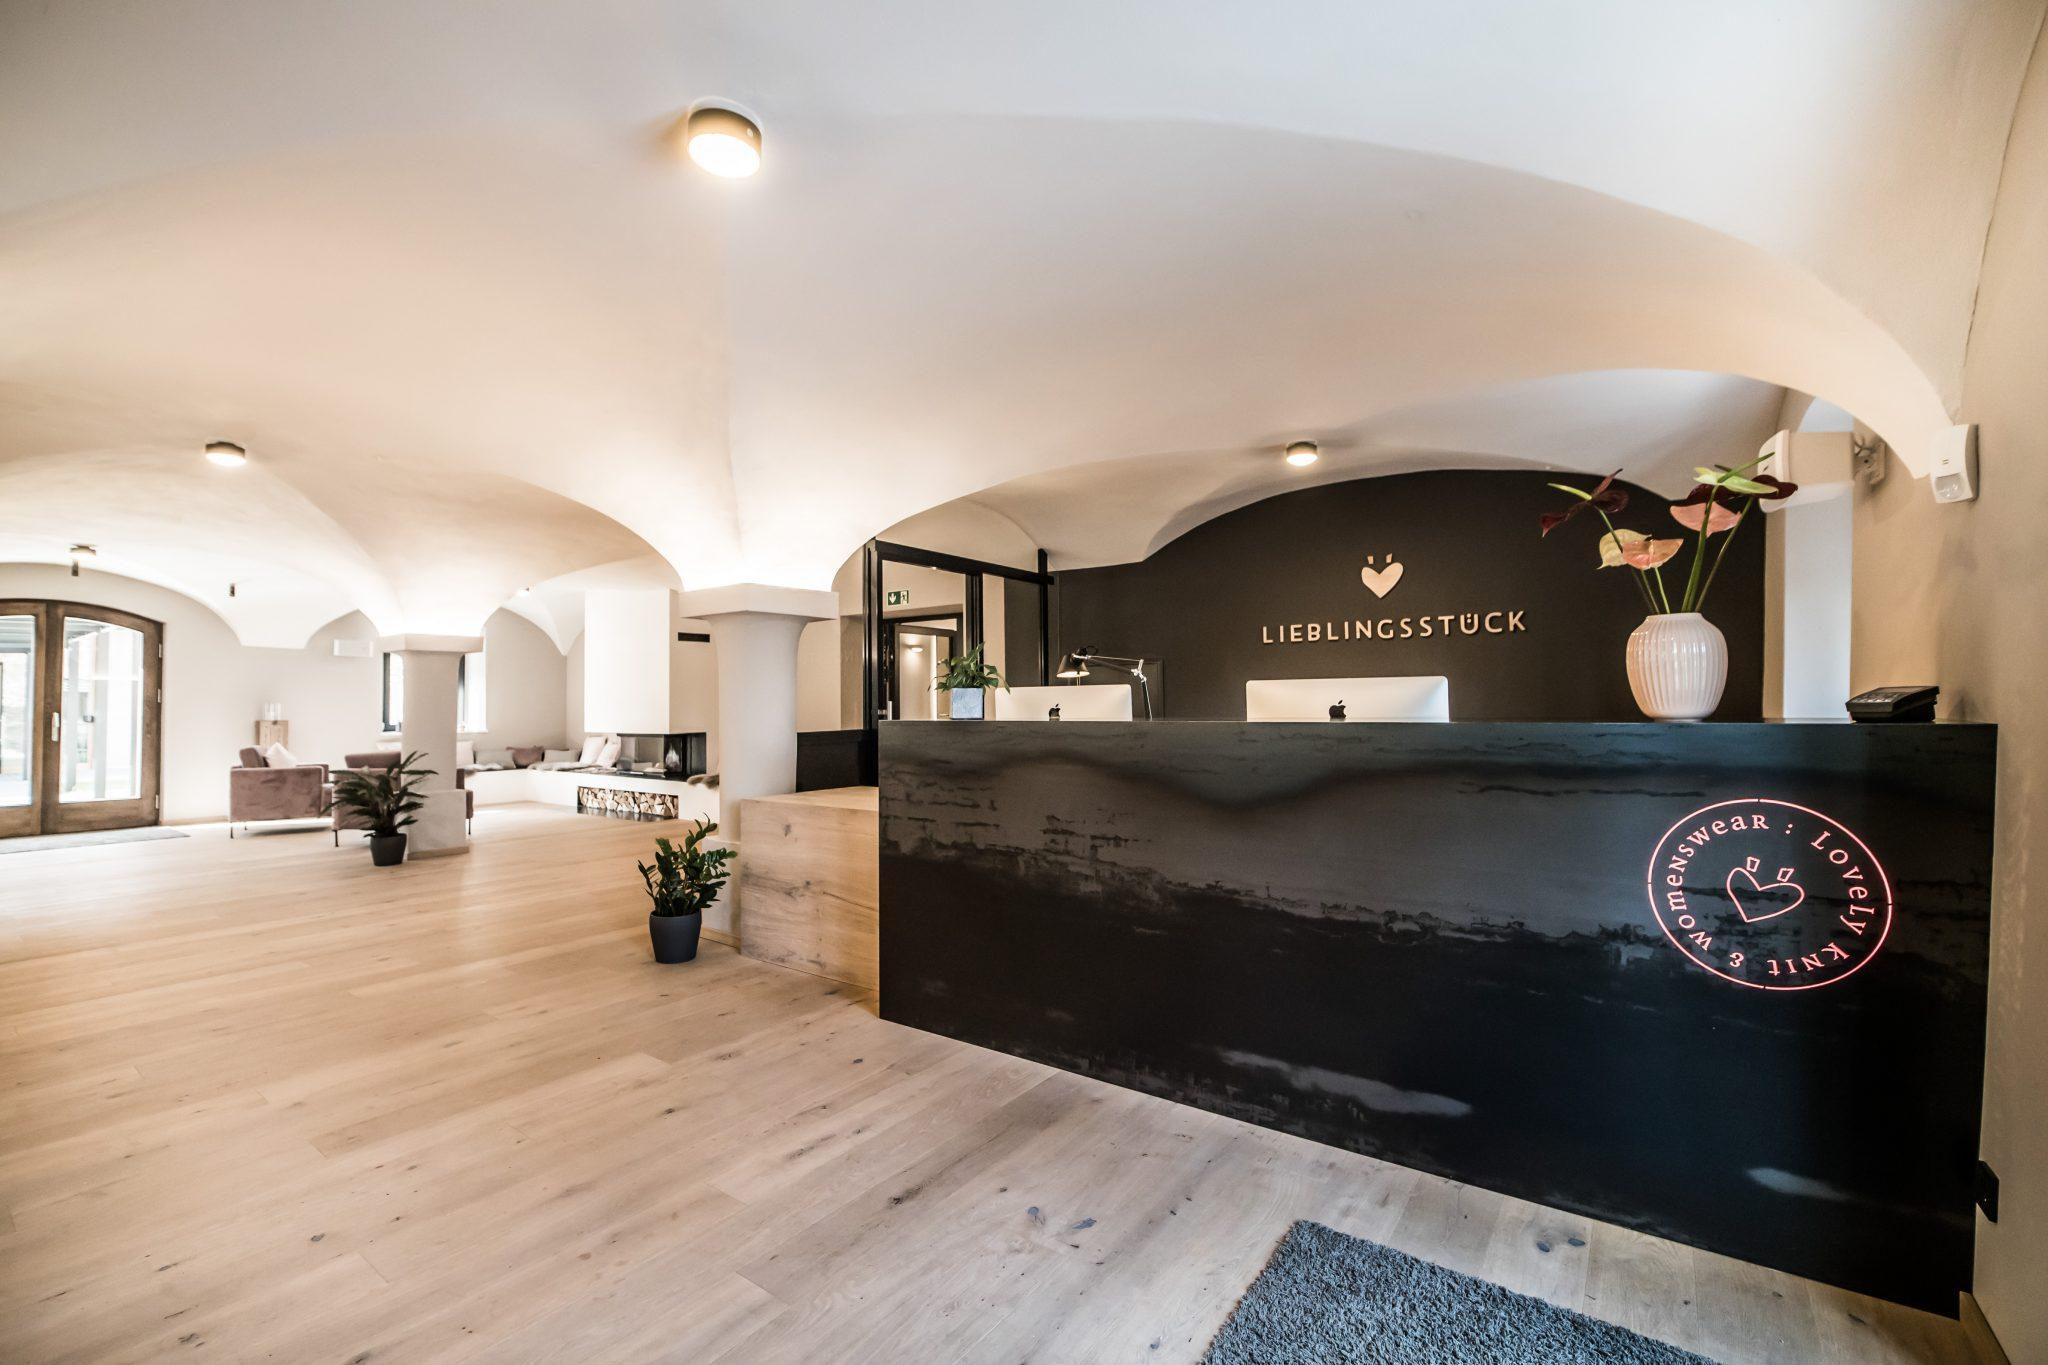 Lieblingsstueck Headquarter Firmenzentrale Rosenheim